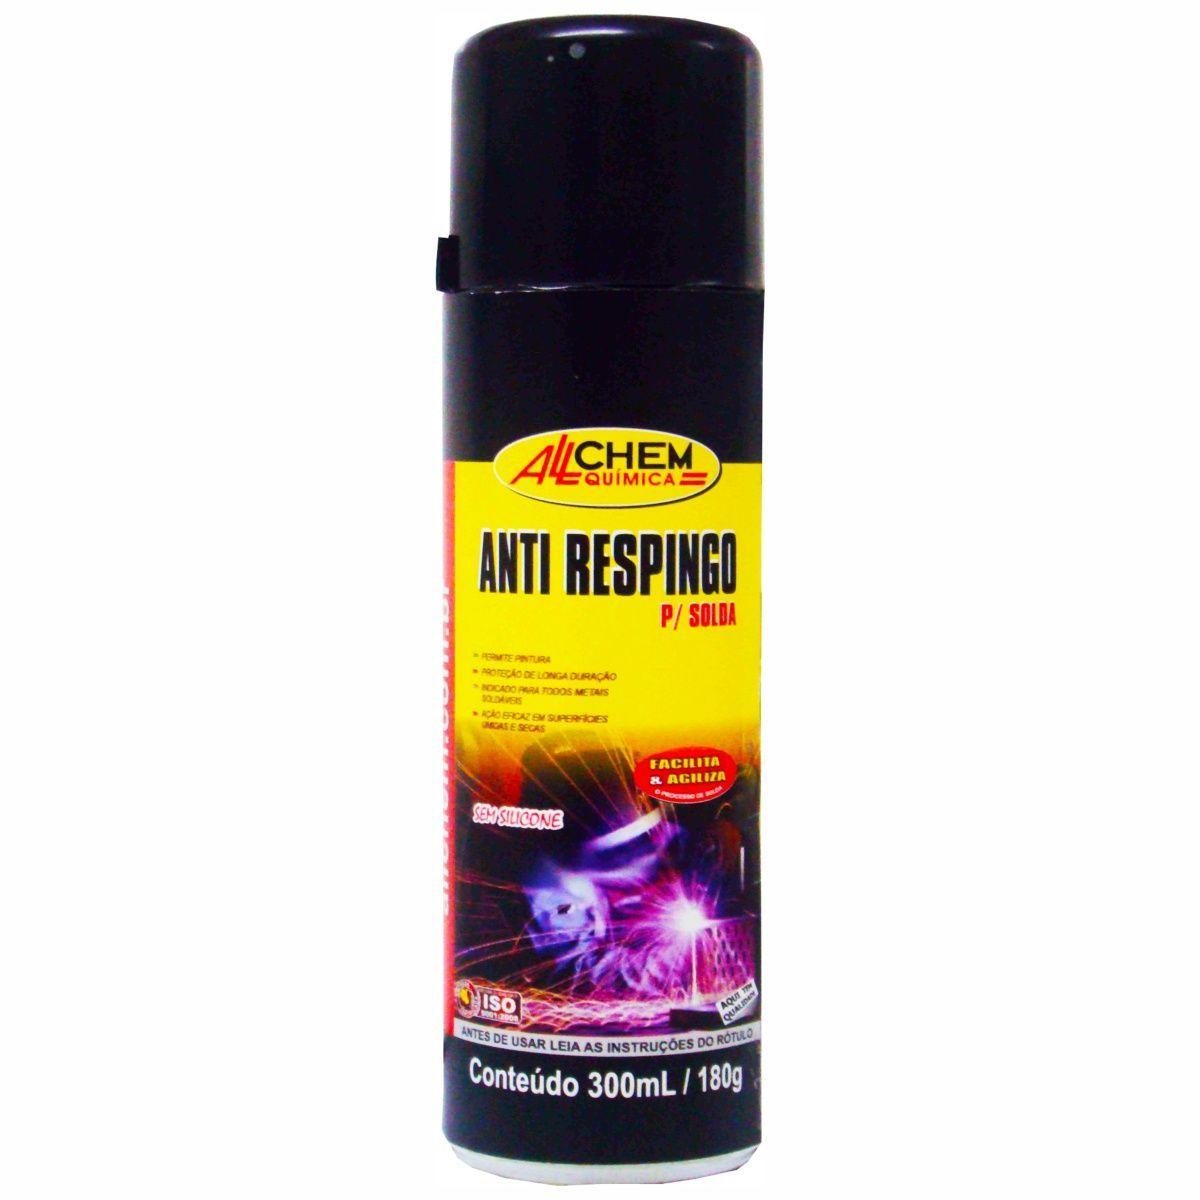 Anti Respingo p/ Solda Aerossol 12x300 mL